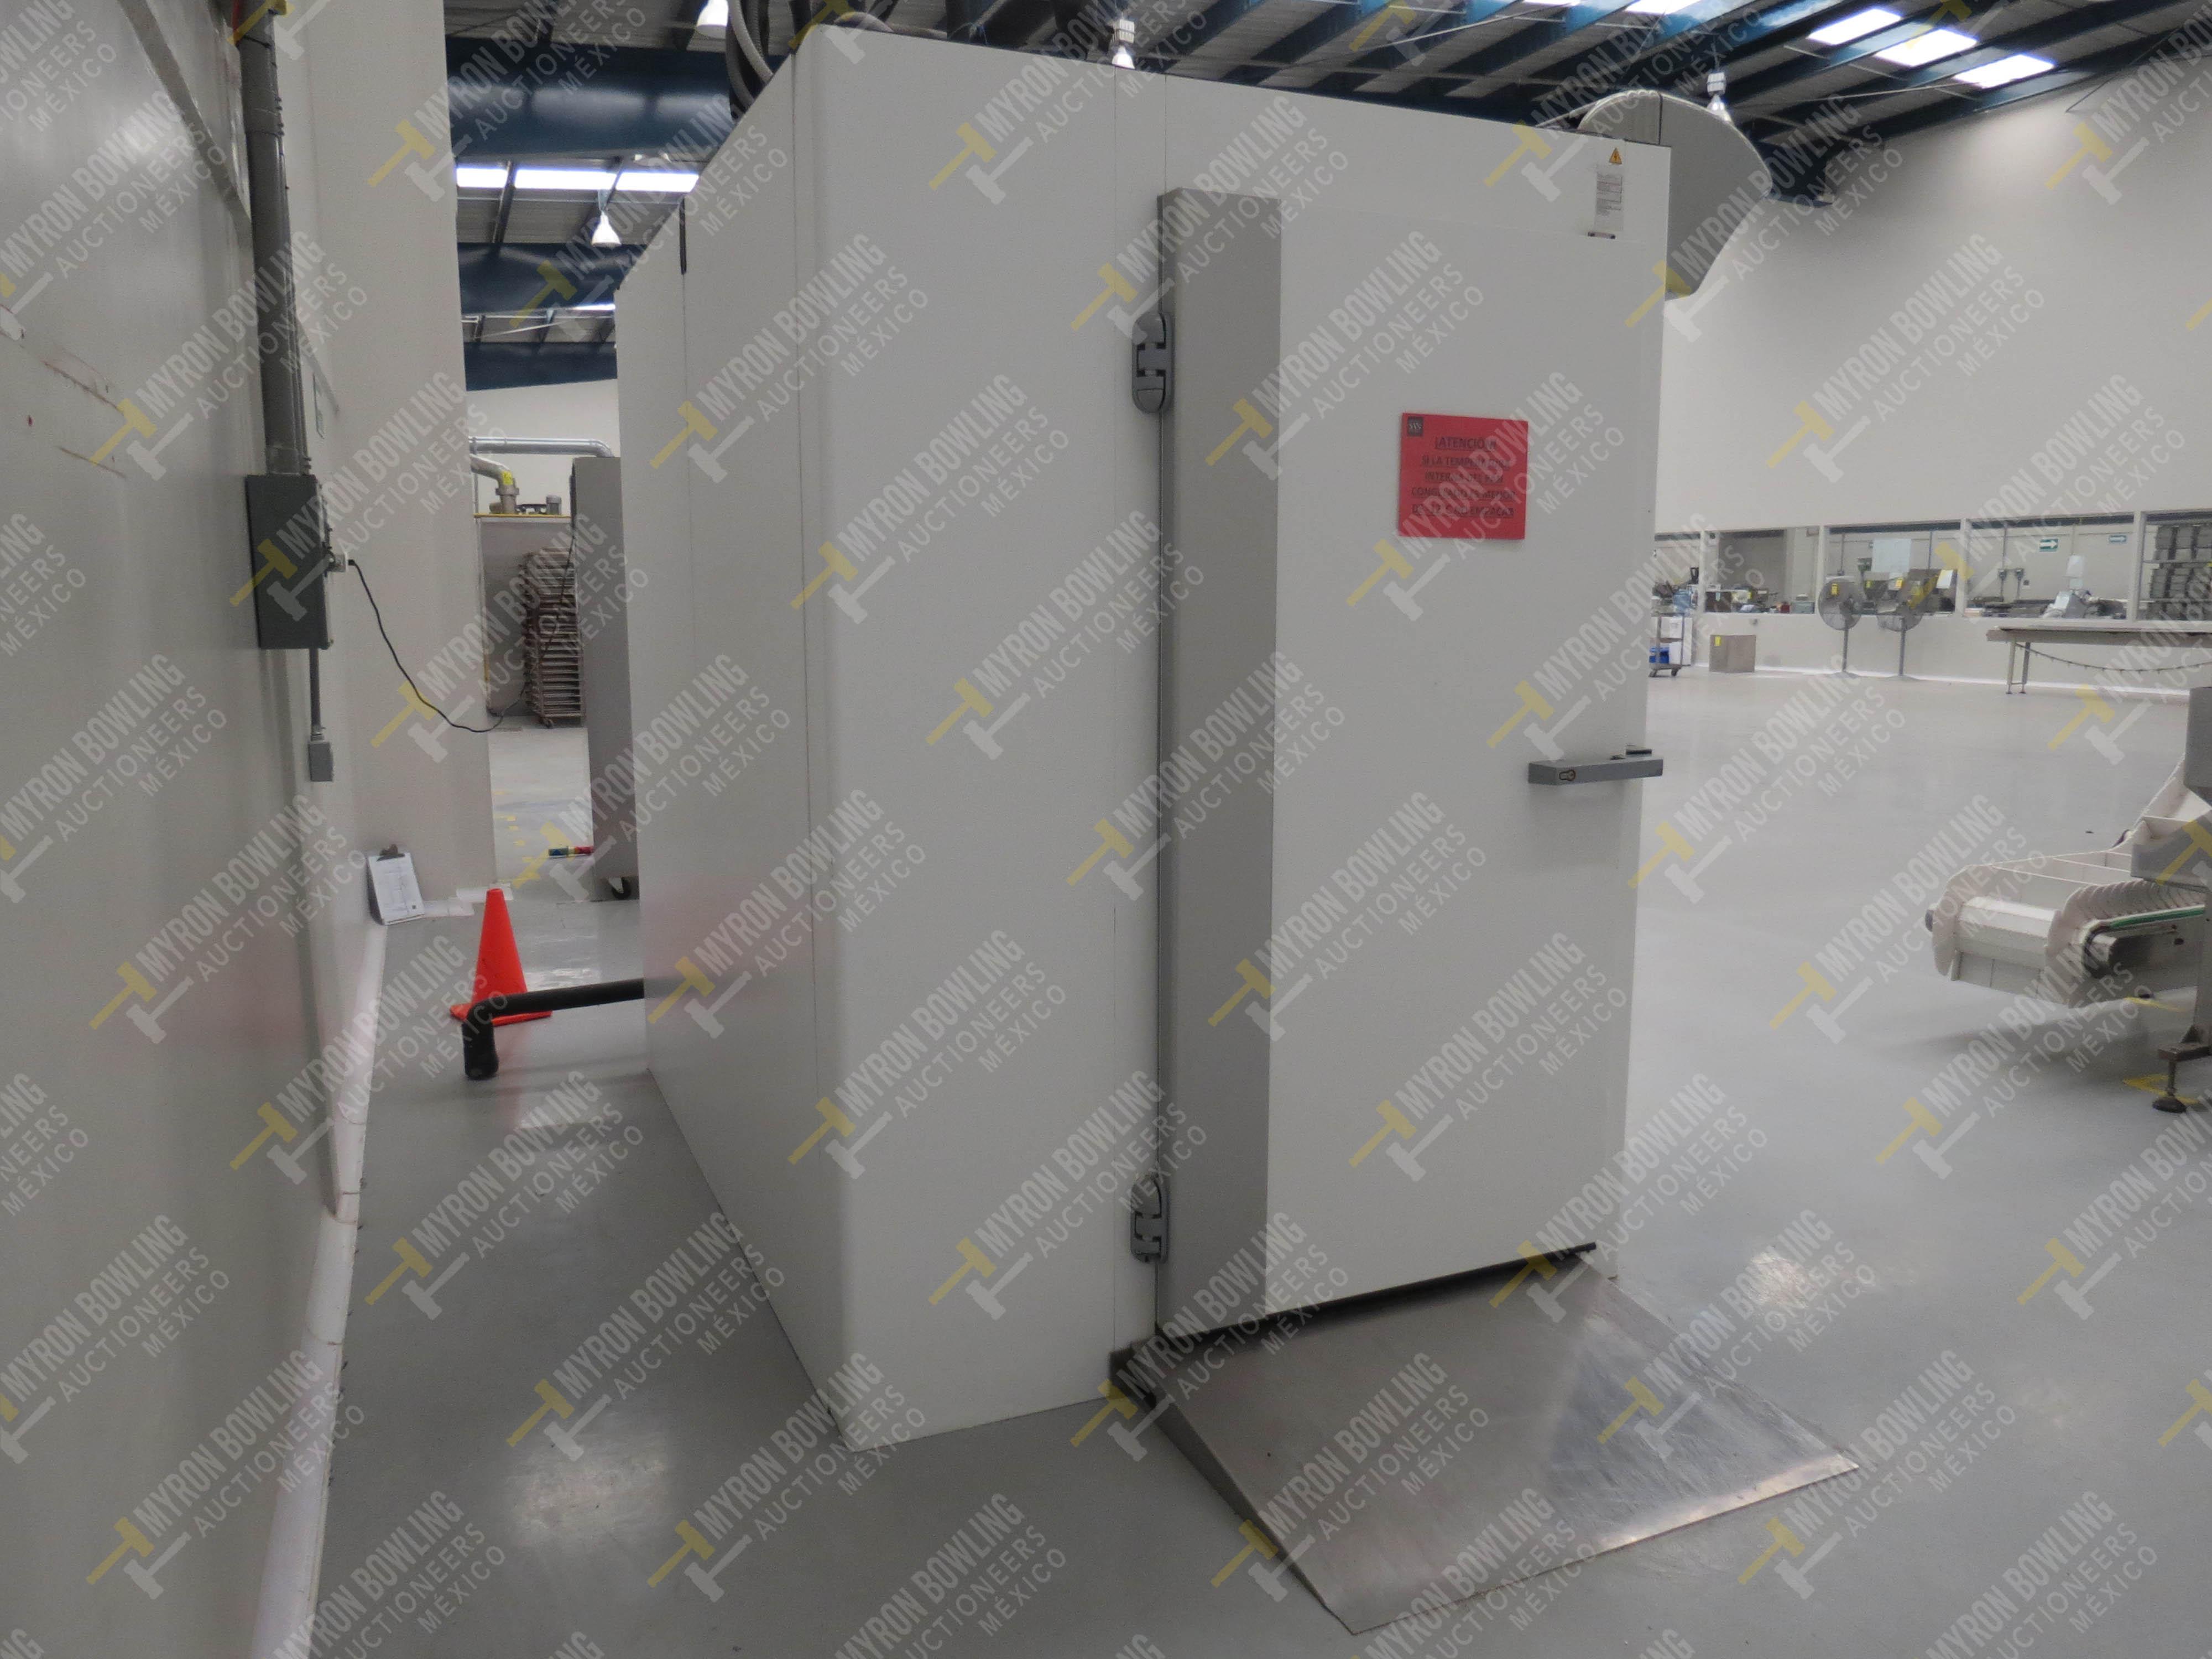 Túnel de congelación de alimentos marca Criocabin, Modelo G130020, No. de Serie 29535666 … - Image 4 of 12